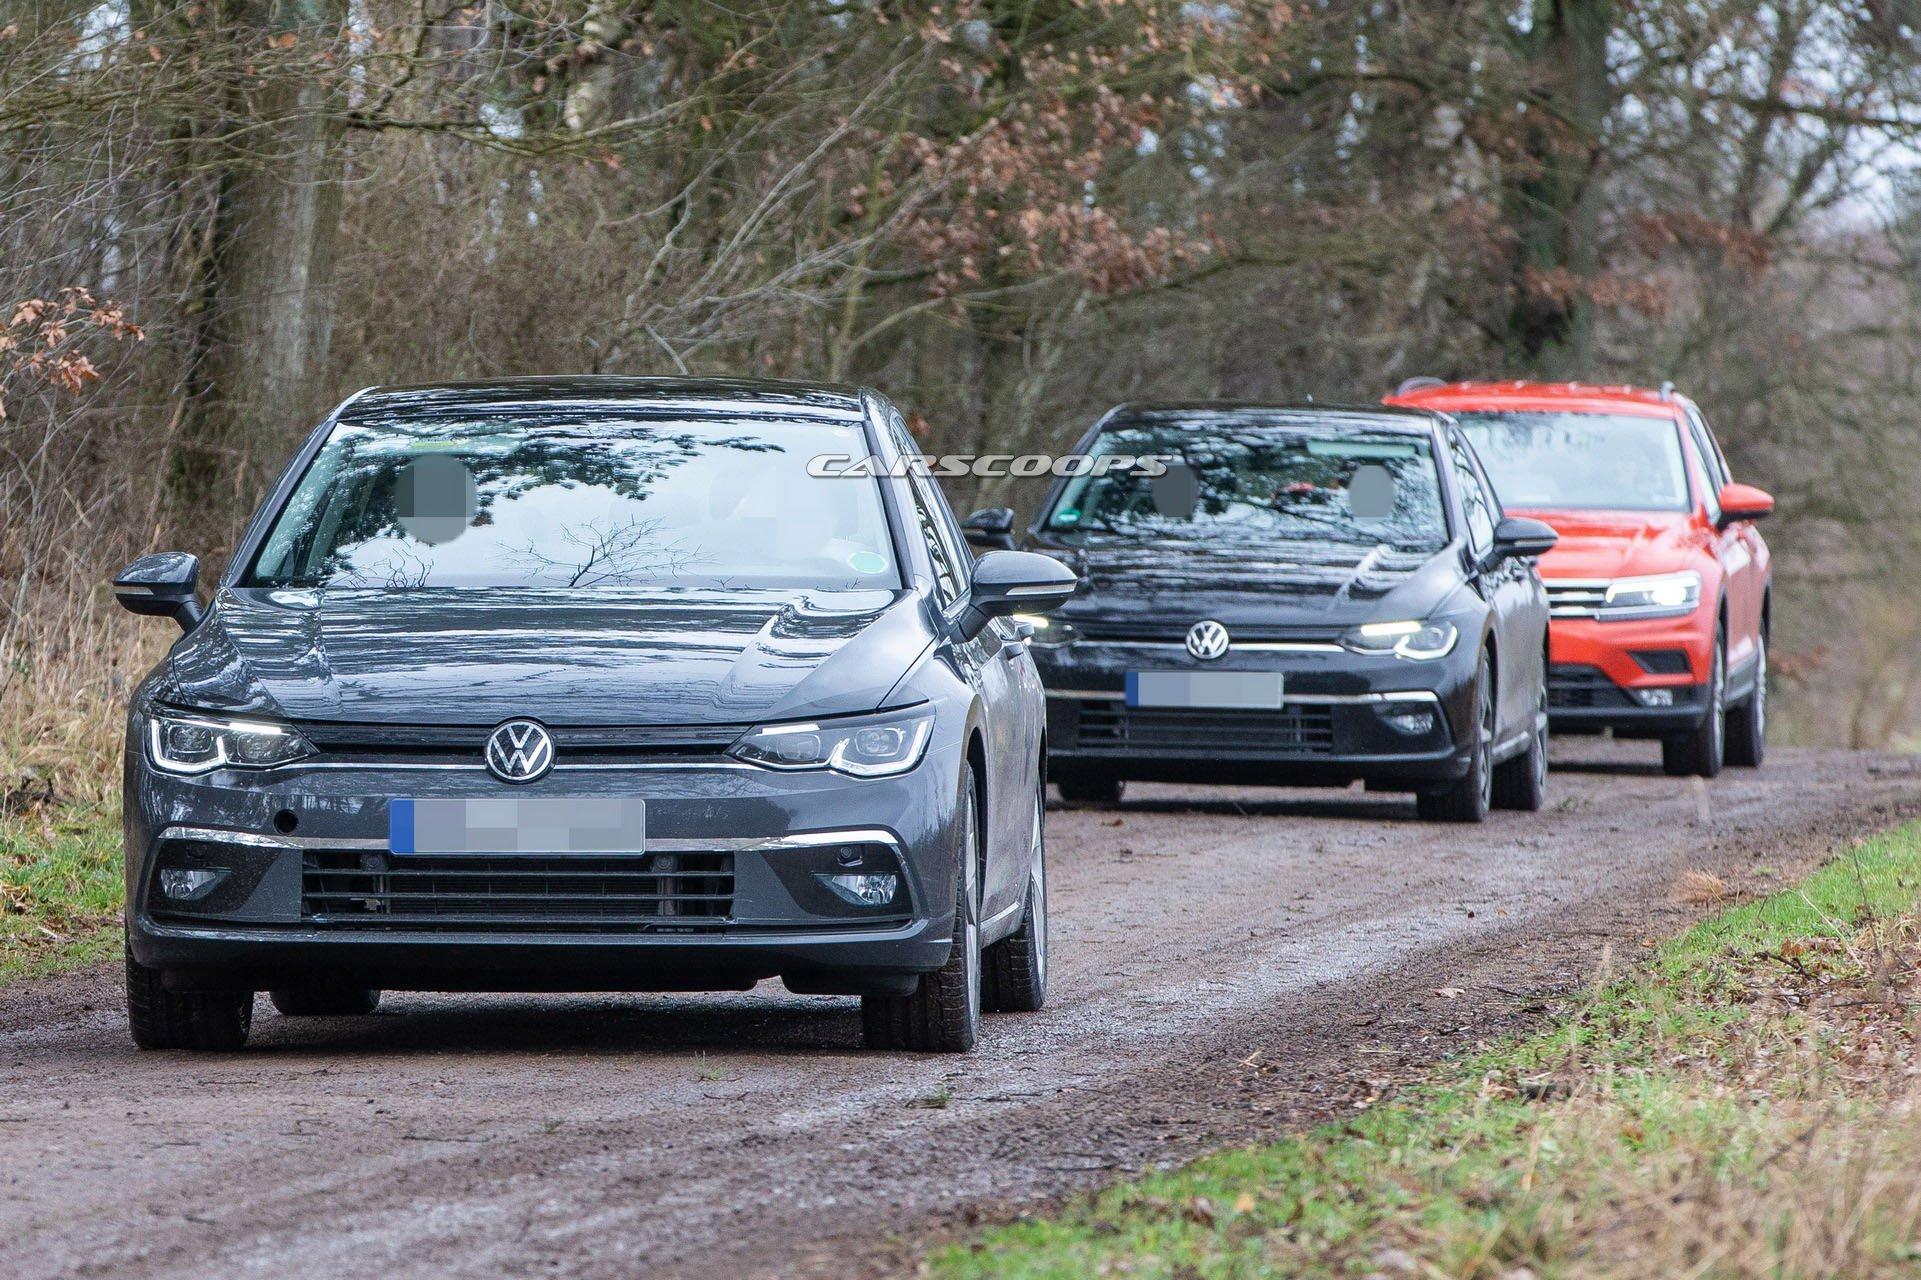 2020 Volkswagen Golf (Mk8) yeni görüntülerle tamamen ortaya çıktı